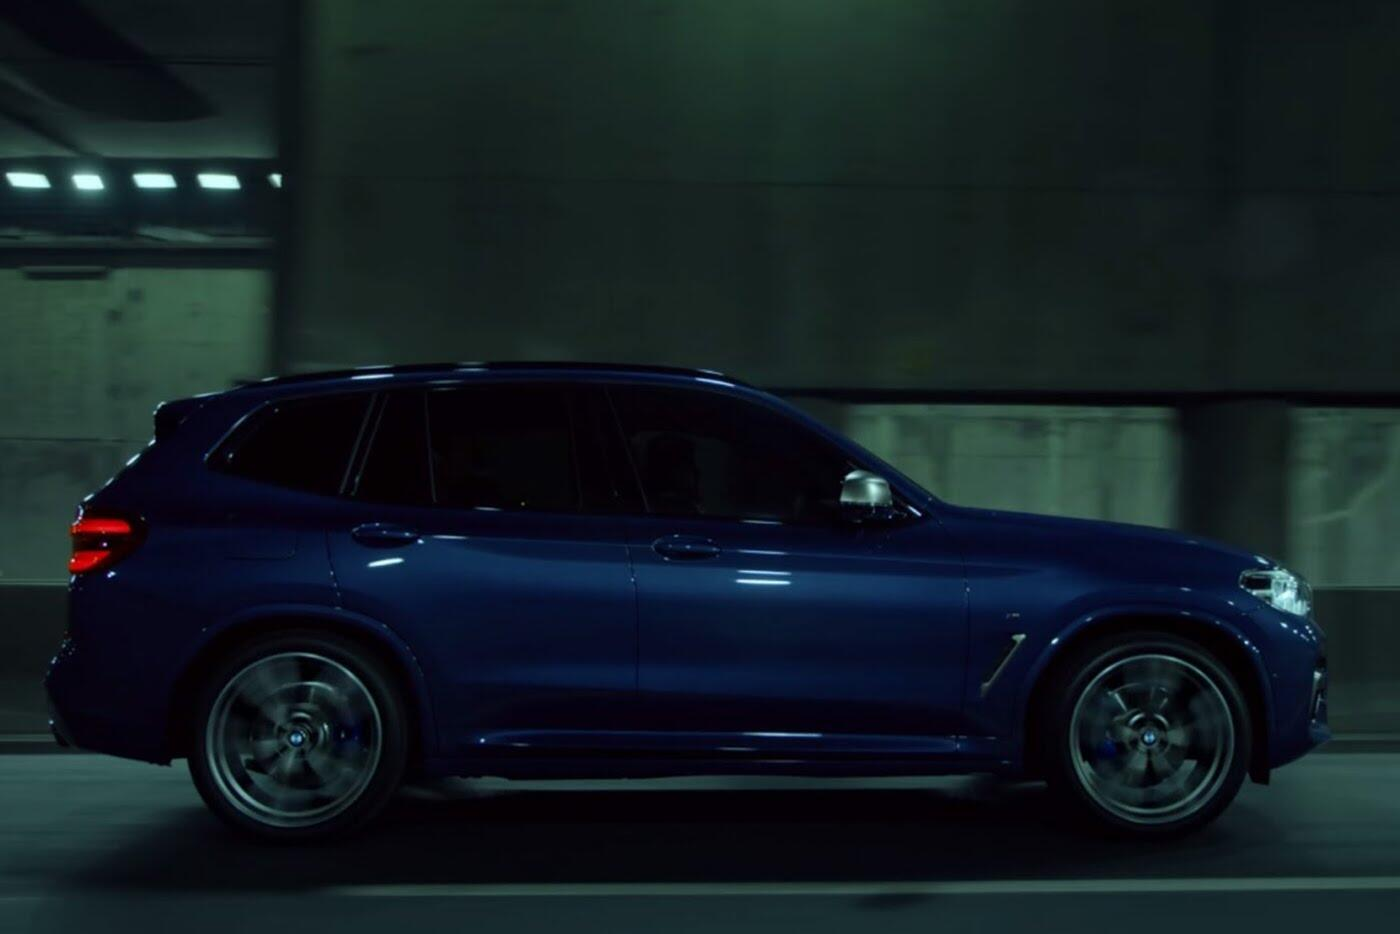 BMW X3 2018 hé lộ những hình ảnh chính thức đầu tiên - Hình 6